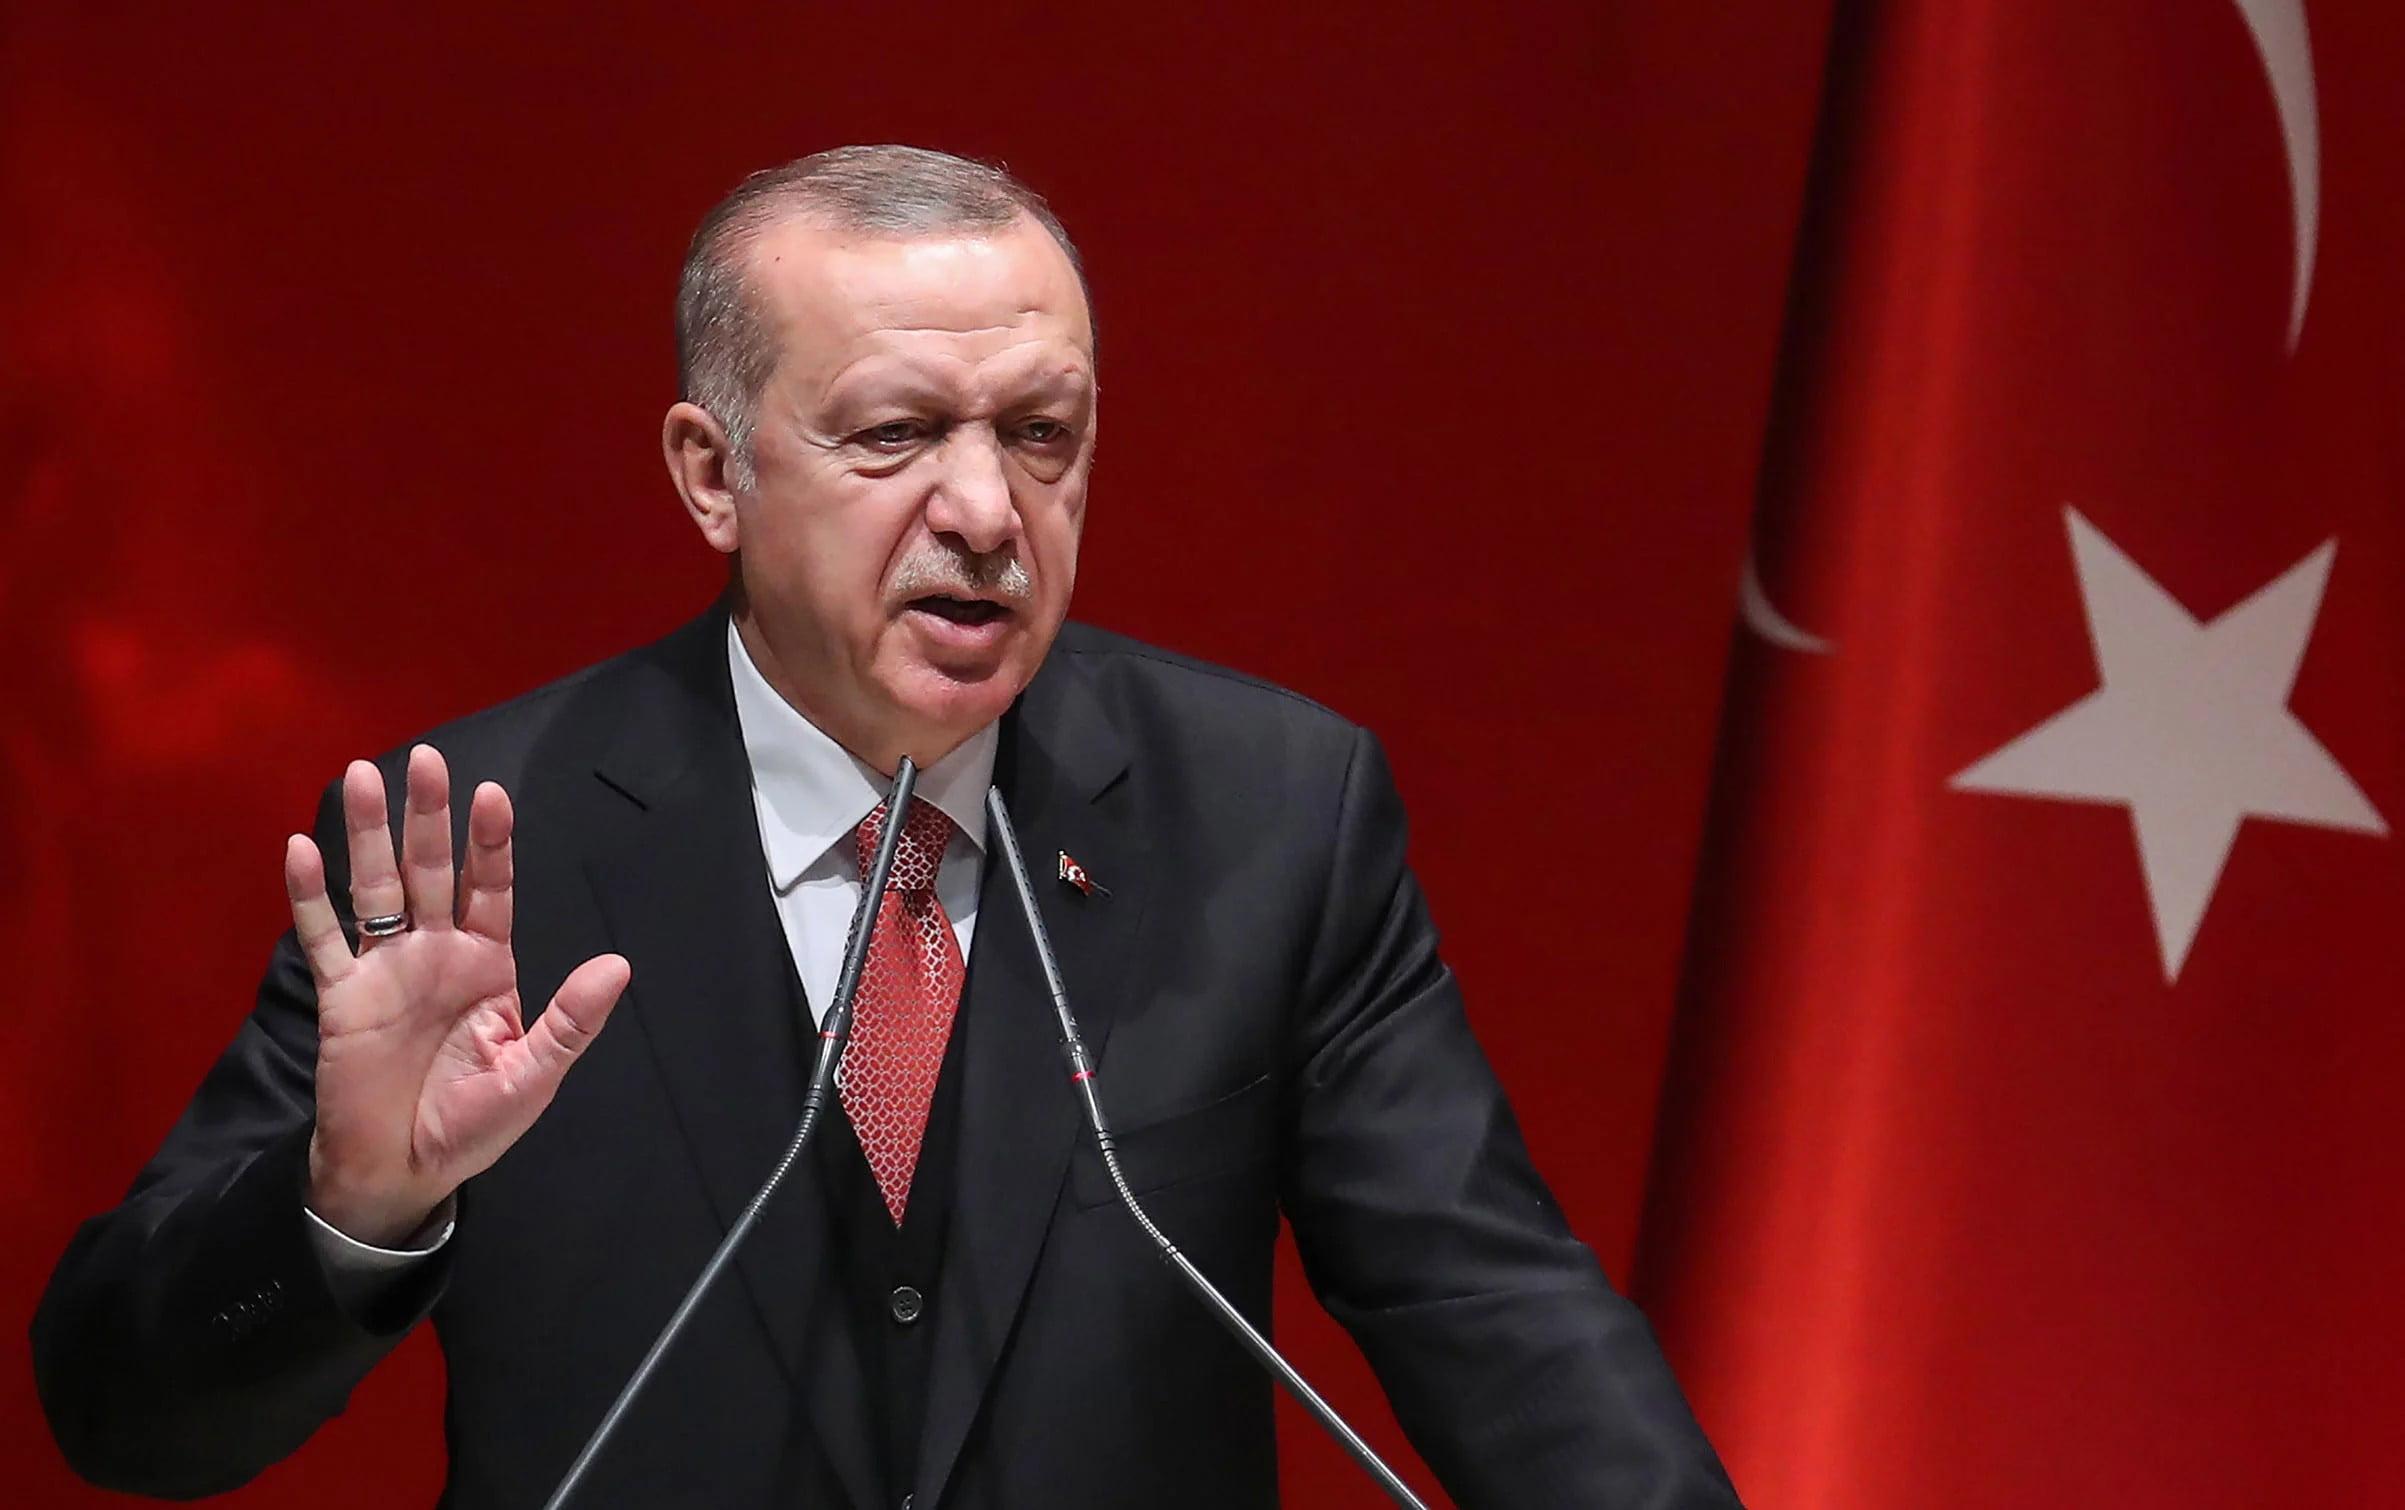 Εμετικός Ερντογάν! Πρόκληση με τη σφαγή των Ελλήνων στη Σμύρνη